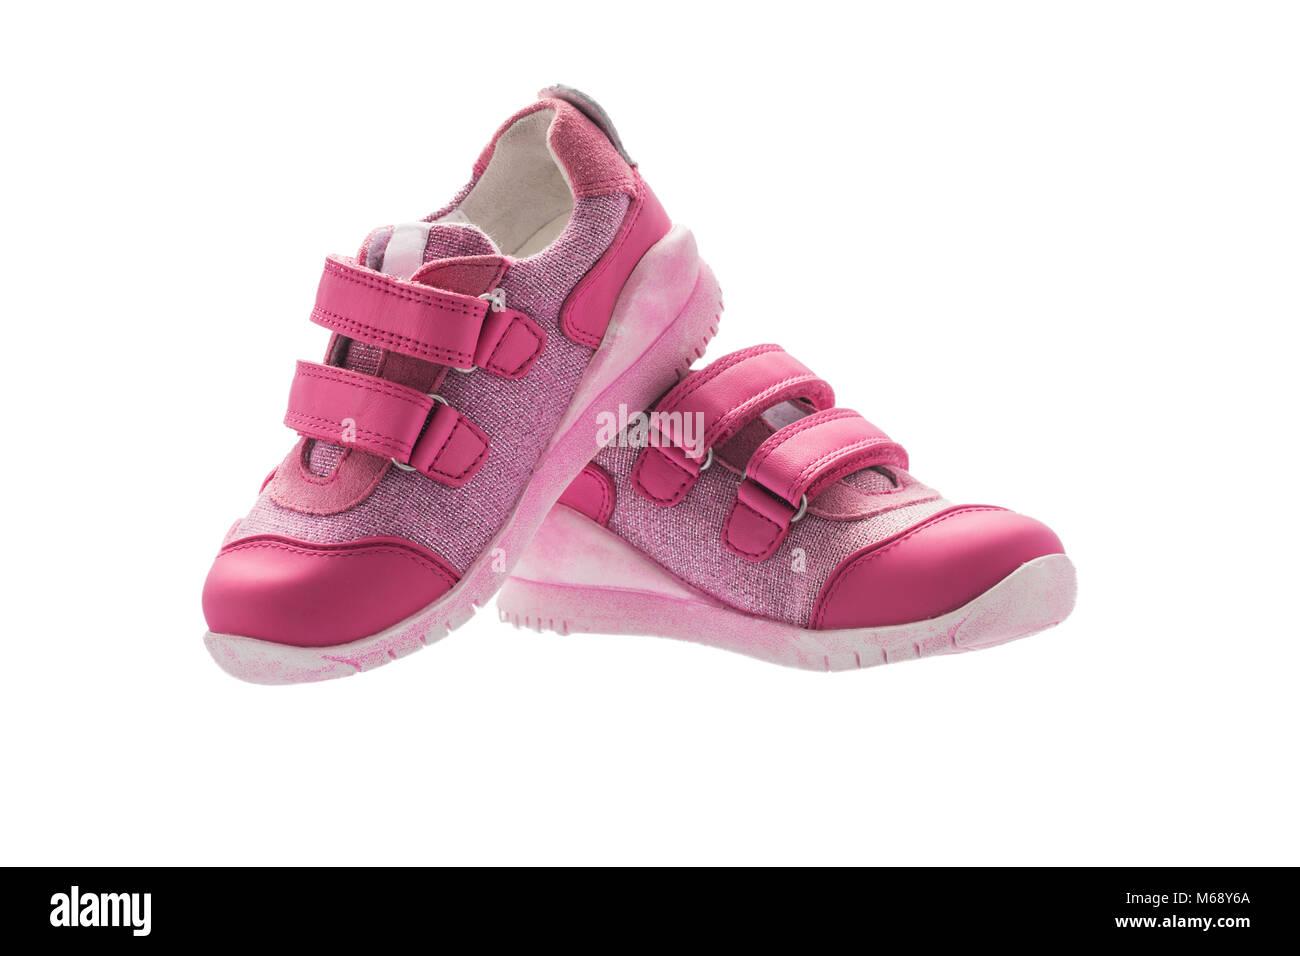 d73218d81ee3d Petit bébé fille chaussures de sport rose isolé sur fond blanc ...